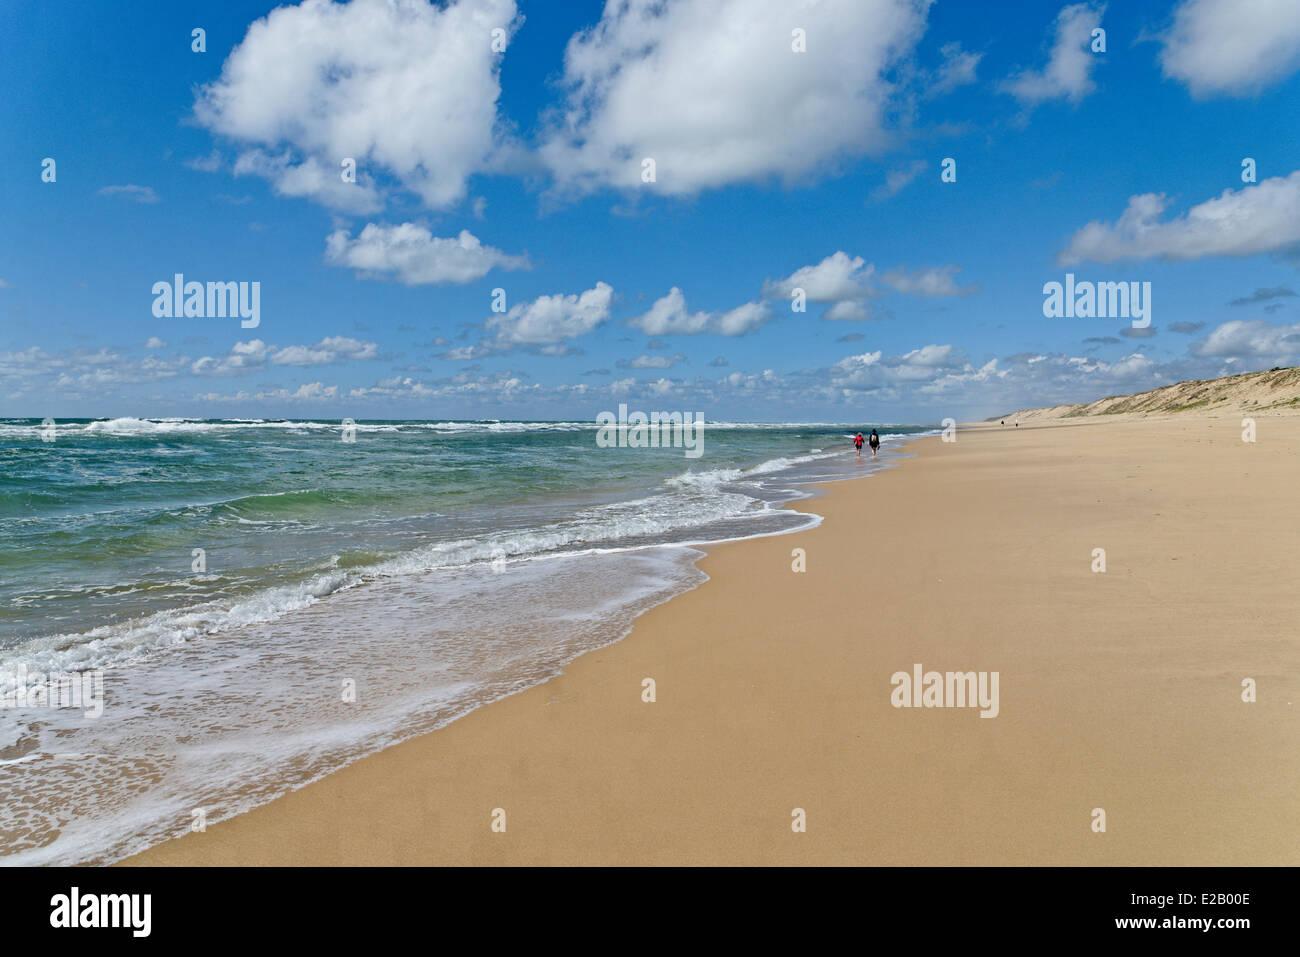 France, Gironde, Arcachon, Cap Ferret, Plage de l'horizon, les randonneurs le long de l'océan sur une Photo Stock